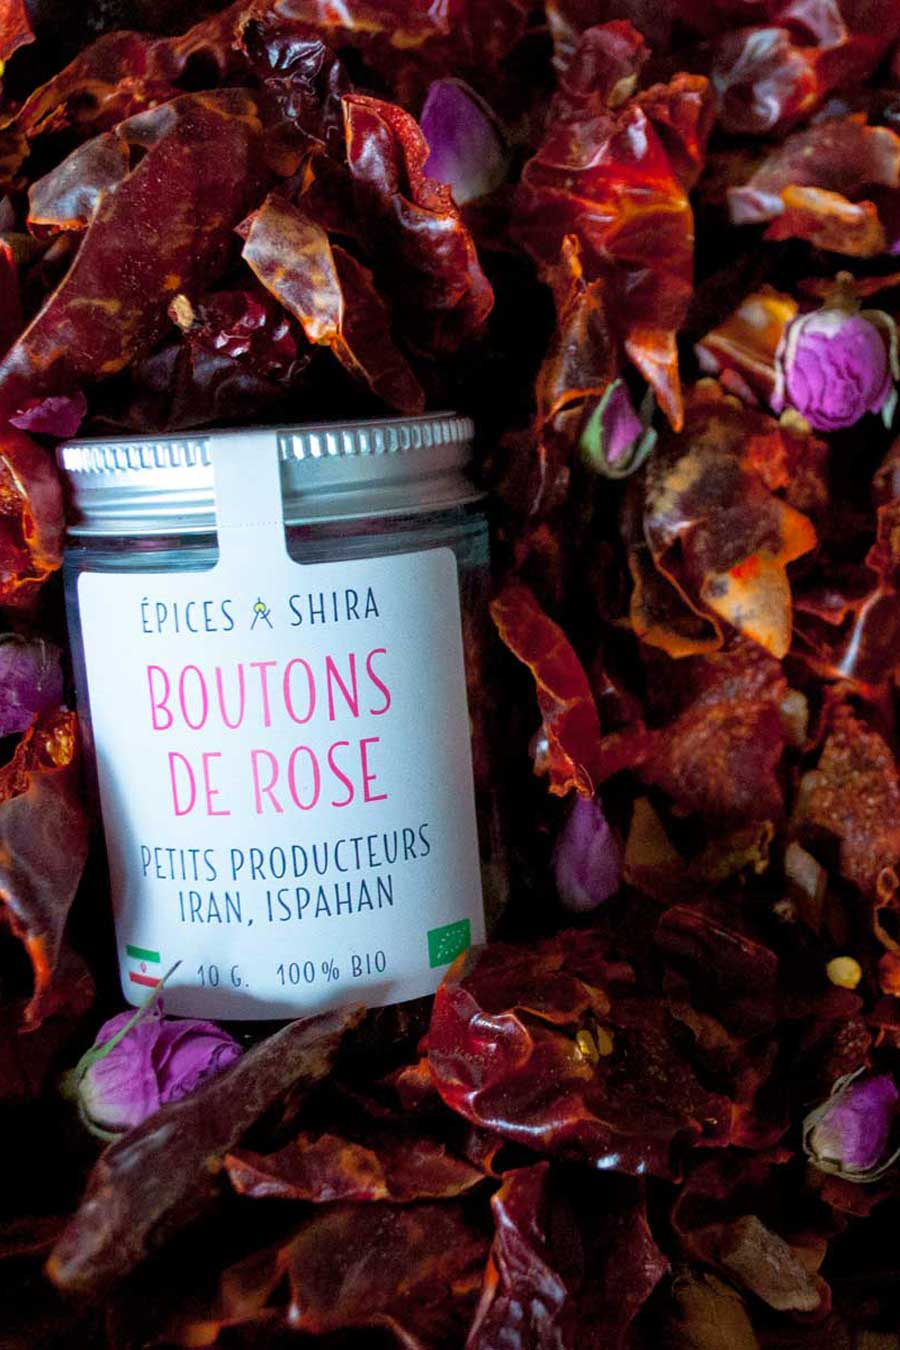 Piments et boutons de rose d'Ispahan biologiques servant à créer la harissa à la rose d'Ispahan